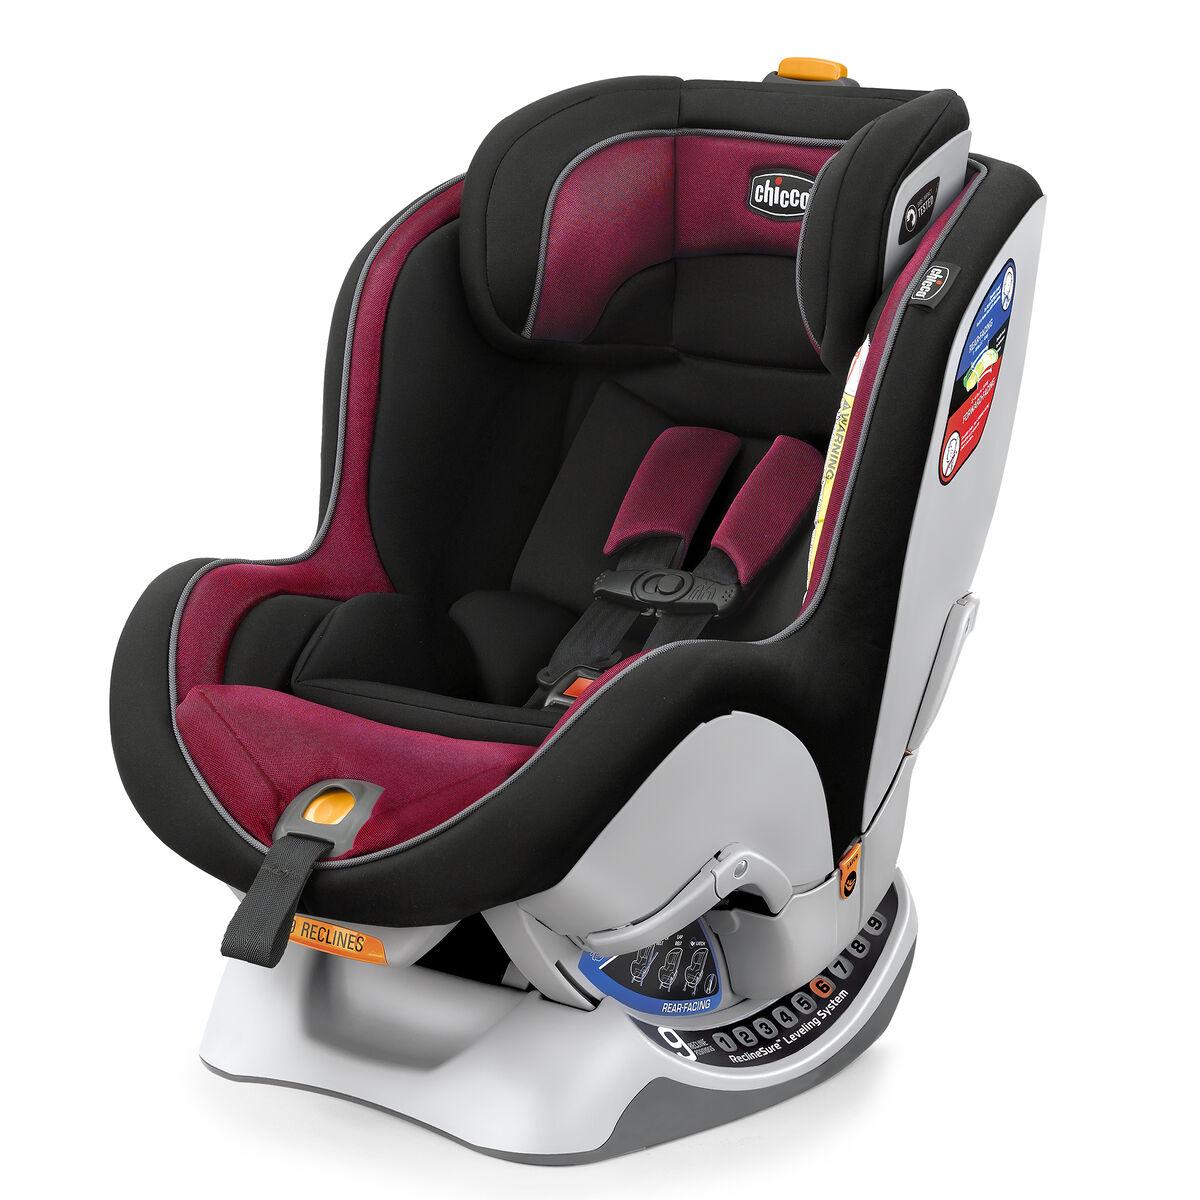 Nextfit convertible car seat saffronnextfit convertible car seat saffron